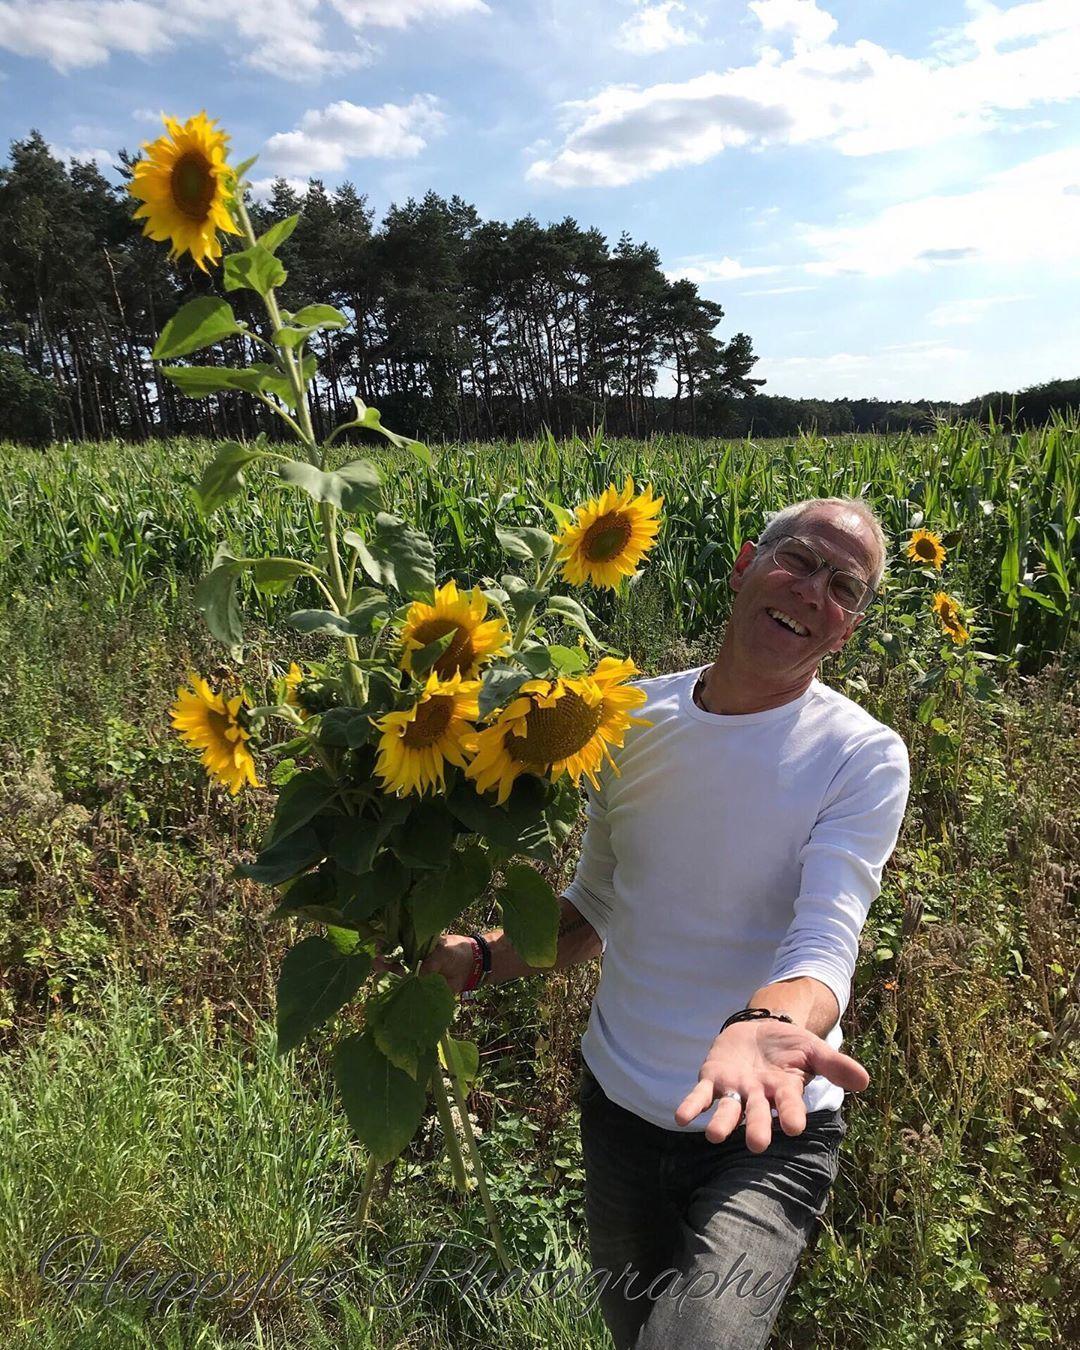 You Are My Sunshine Blumen Flowers Gartendeko Gartenideen Garten Gartenliebe Gardeninlove Photography Photo P Garten Deko Garten Ideen Garten